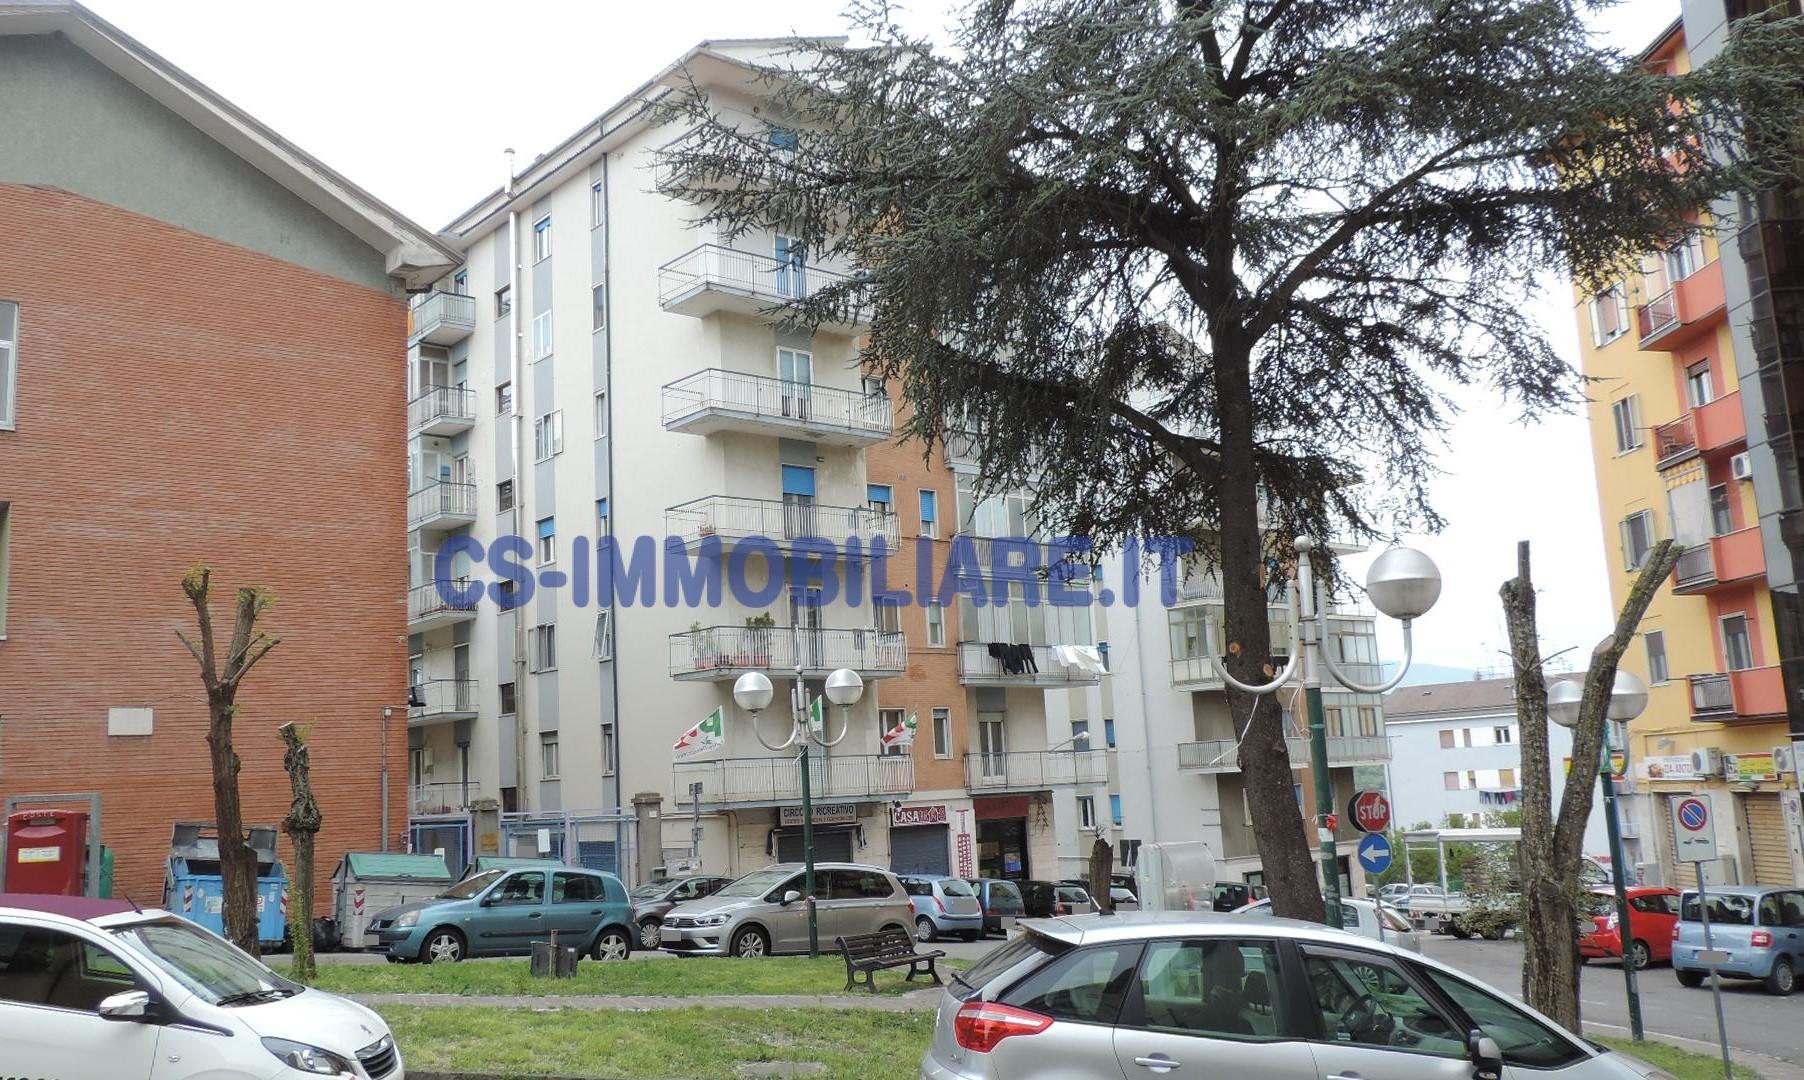 Appartamento in vendita a Potenza, 4 locali, zona Località: RioneLucania, prezzo € 133.000 | Cambio Casa.it